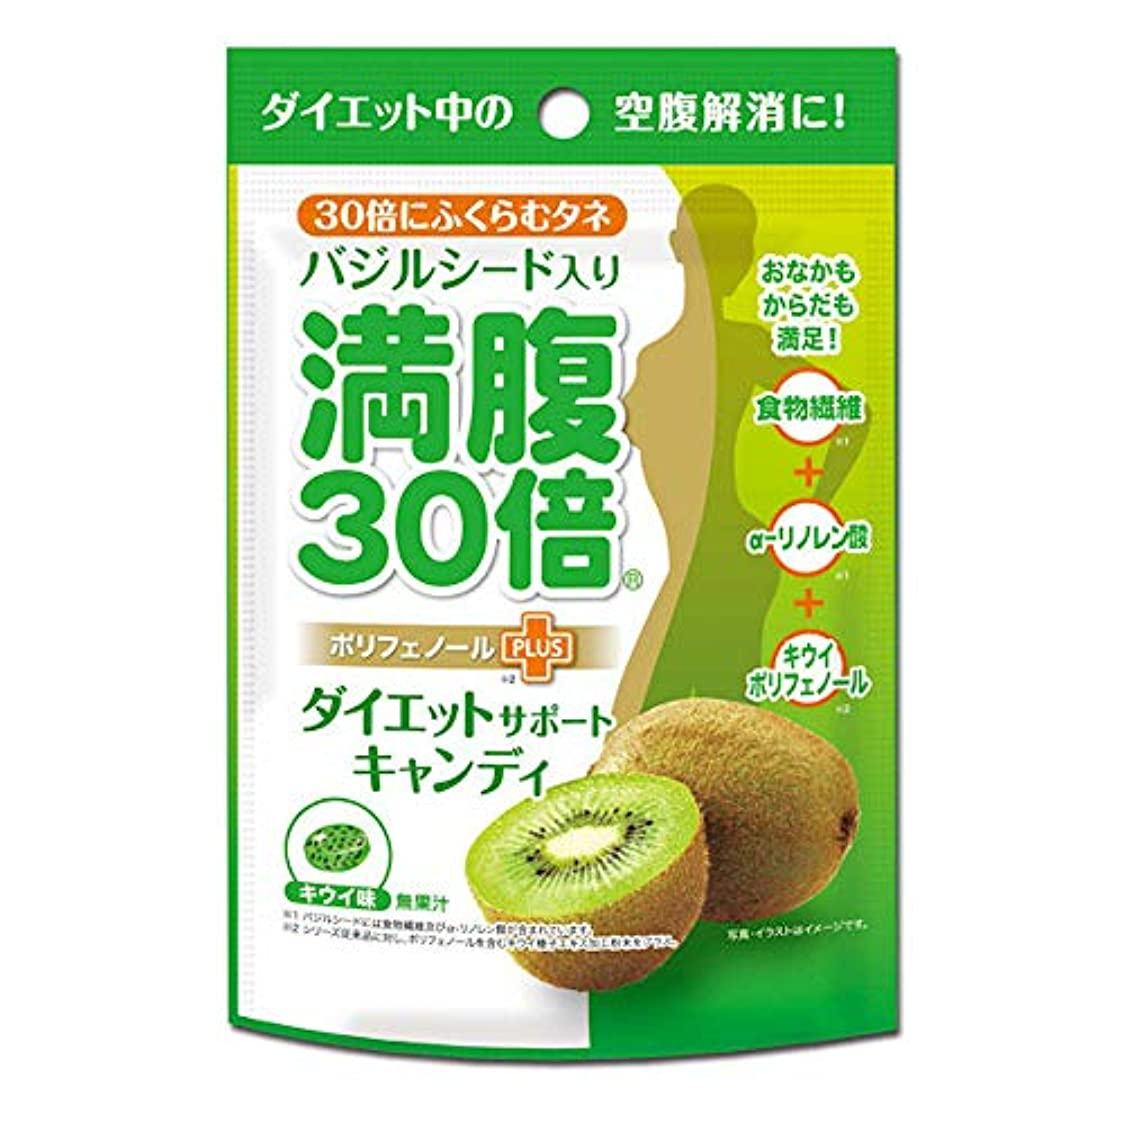 抜本的なアルミニウム繁雑満腹30倍 ダイエットサポートキャンディ キウイ味 42g 約11粒入